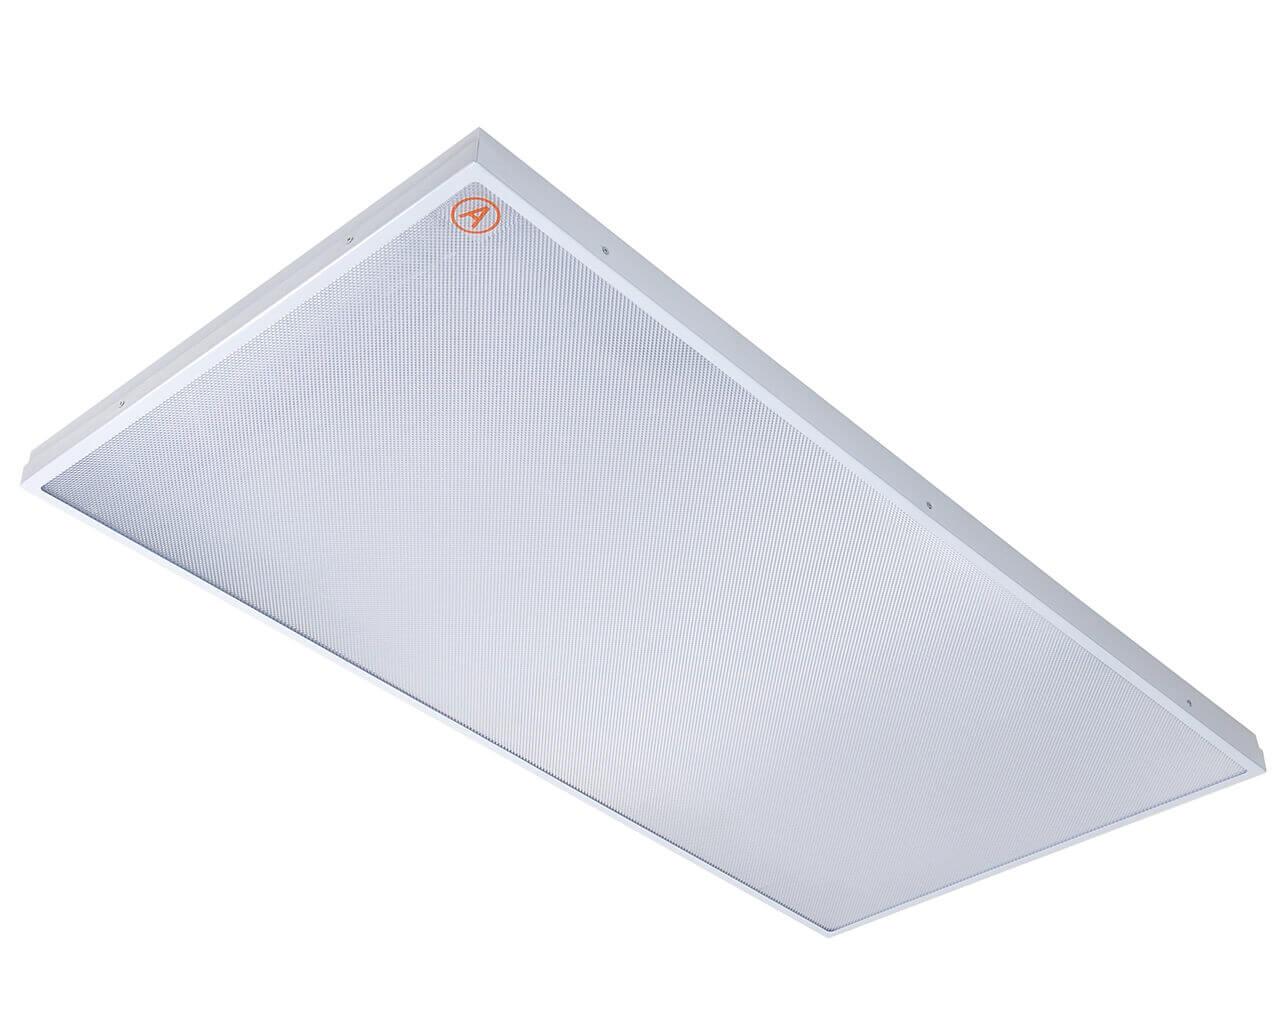 Накладной светильник LC-SIP80 1195x595 IP65 Теплый белый Призма с Бап 3 часа